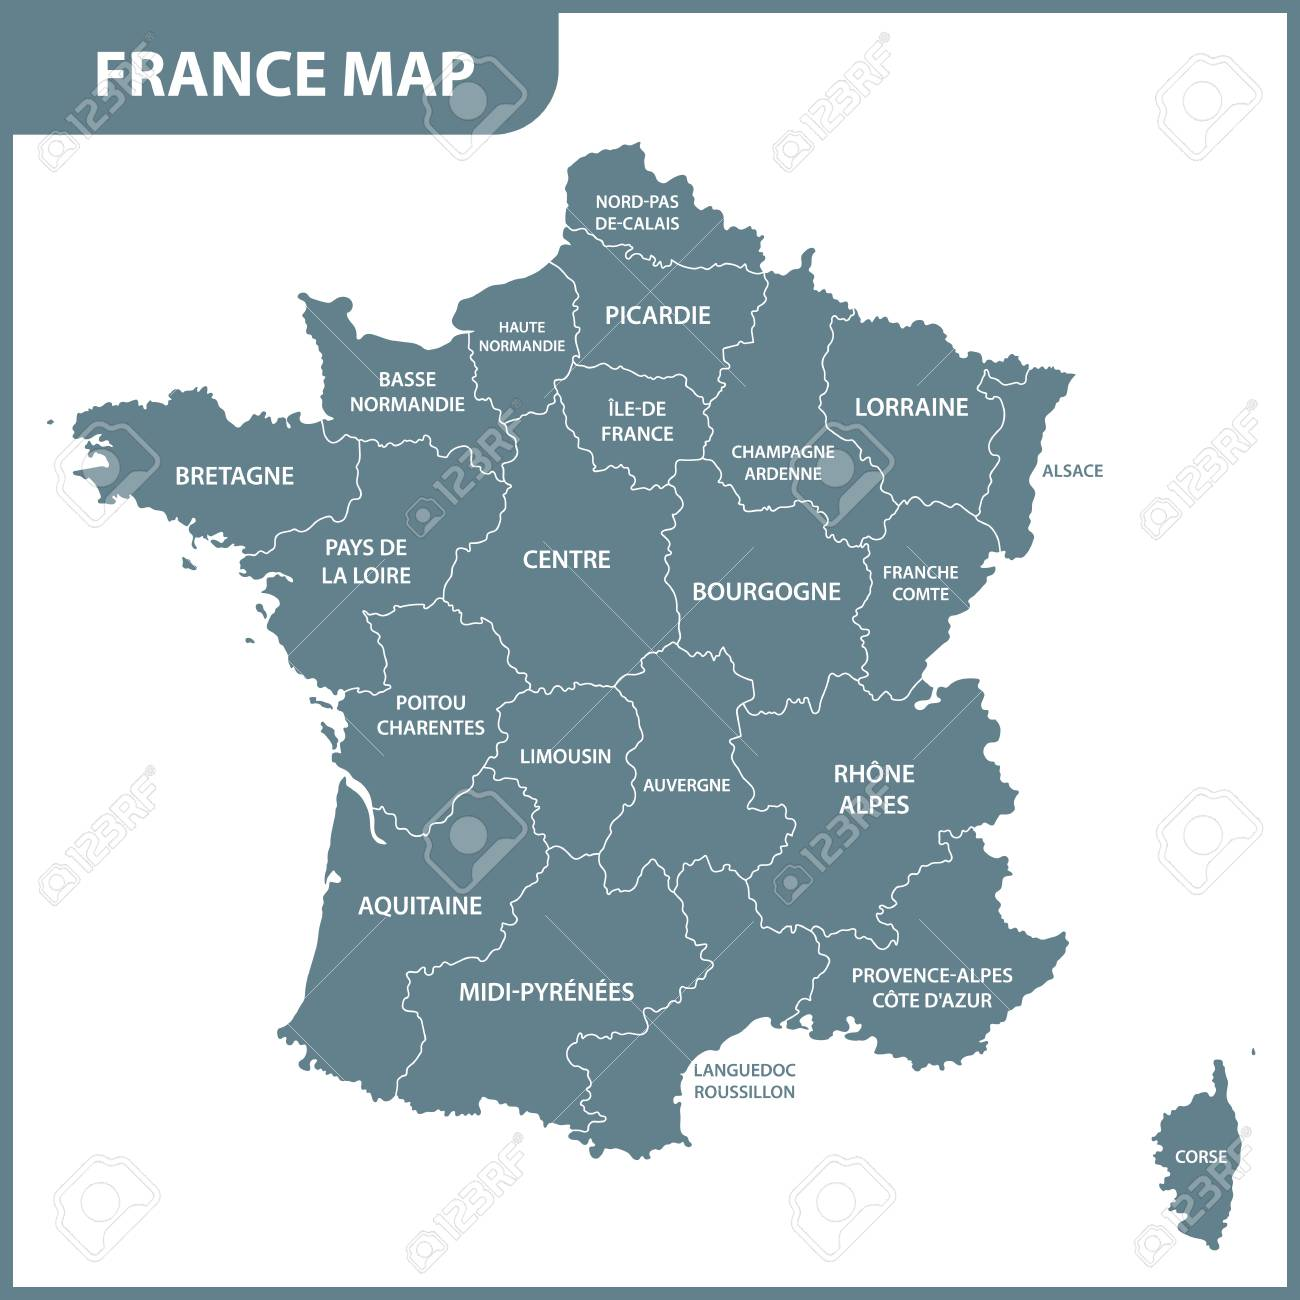 Régions carte détaillée